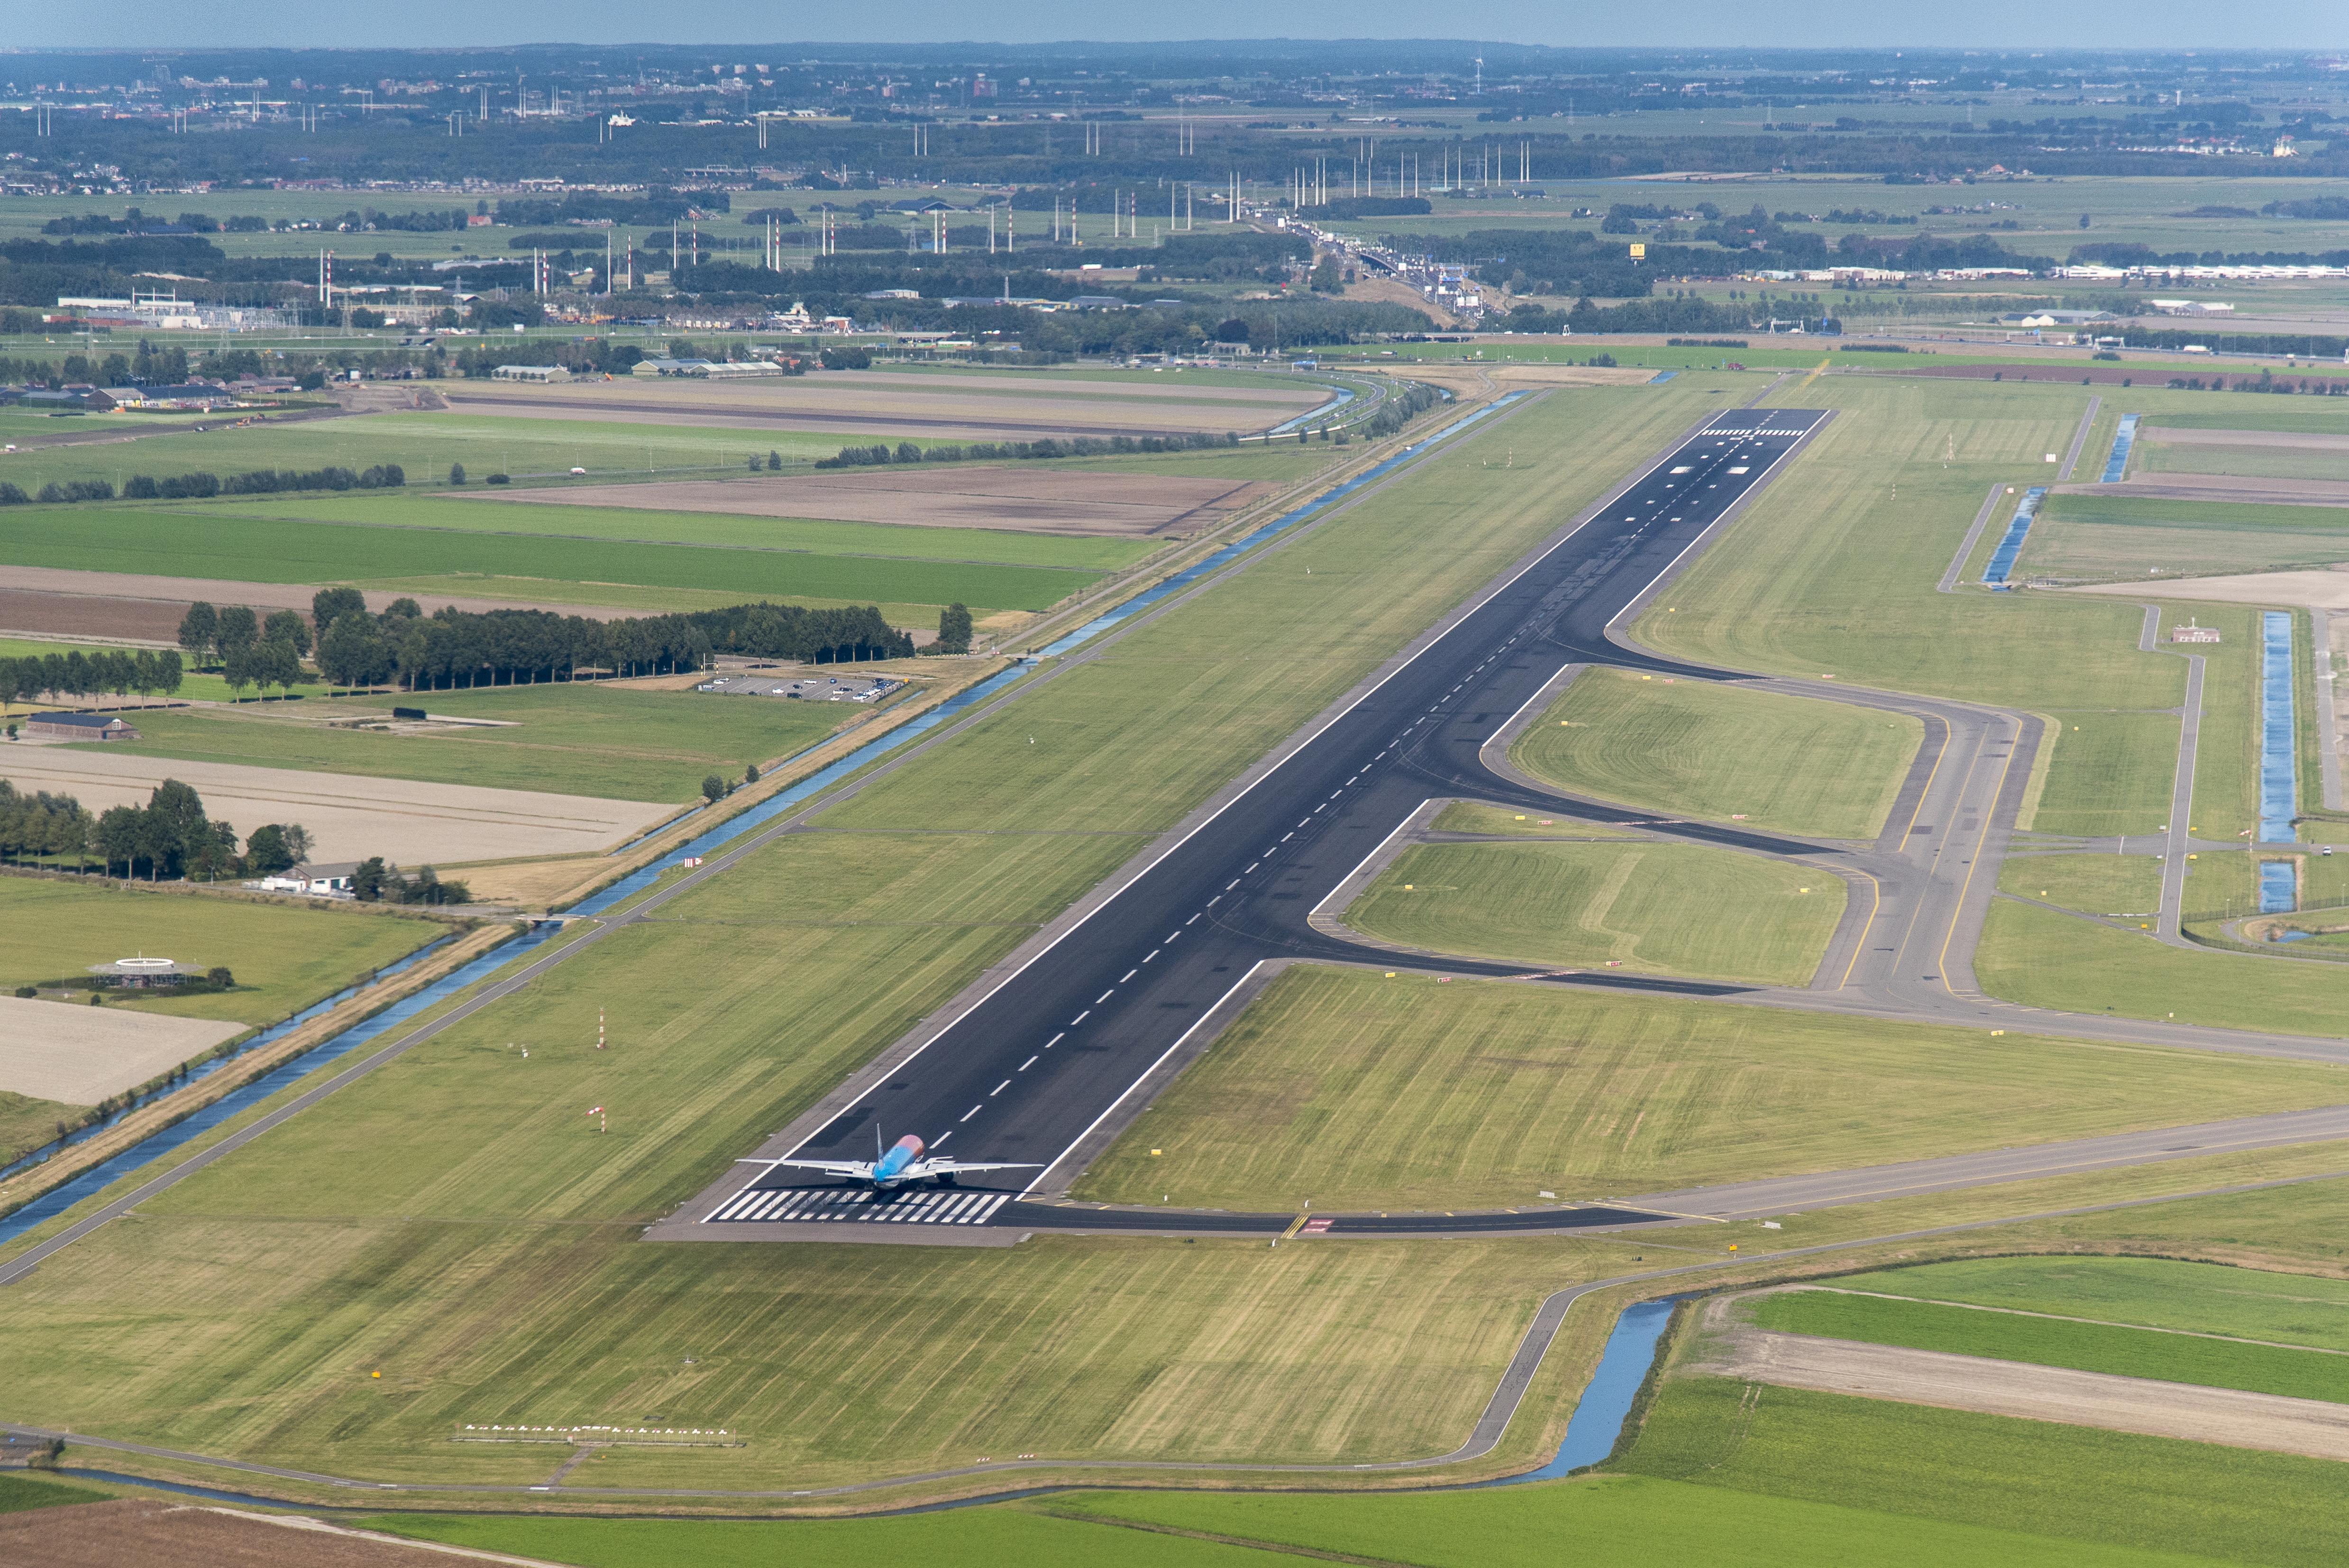 Groot onderhoud: dertien weken lang geen vluchten via Polderbaan [video]